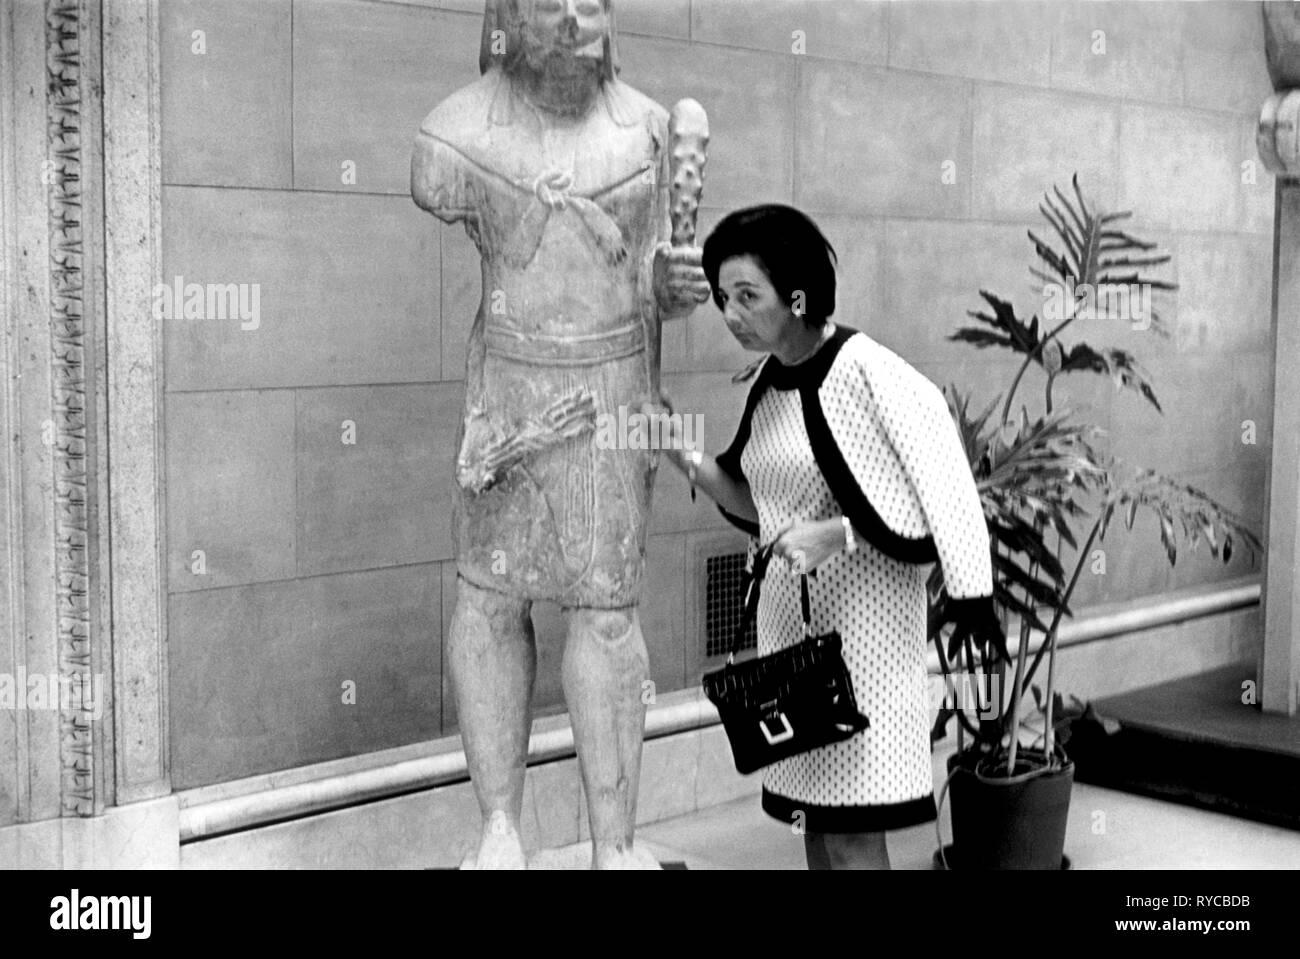 Eine Frau klopft an eine antike Statue, um zu überprüfen, ob es aus Stein oder Holz. New York 1969. USA seinen Stein. 60 s UNS HOMER SYKES Stockfoto